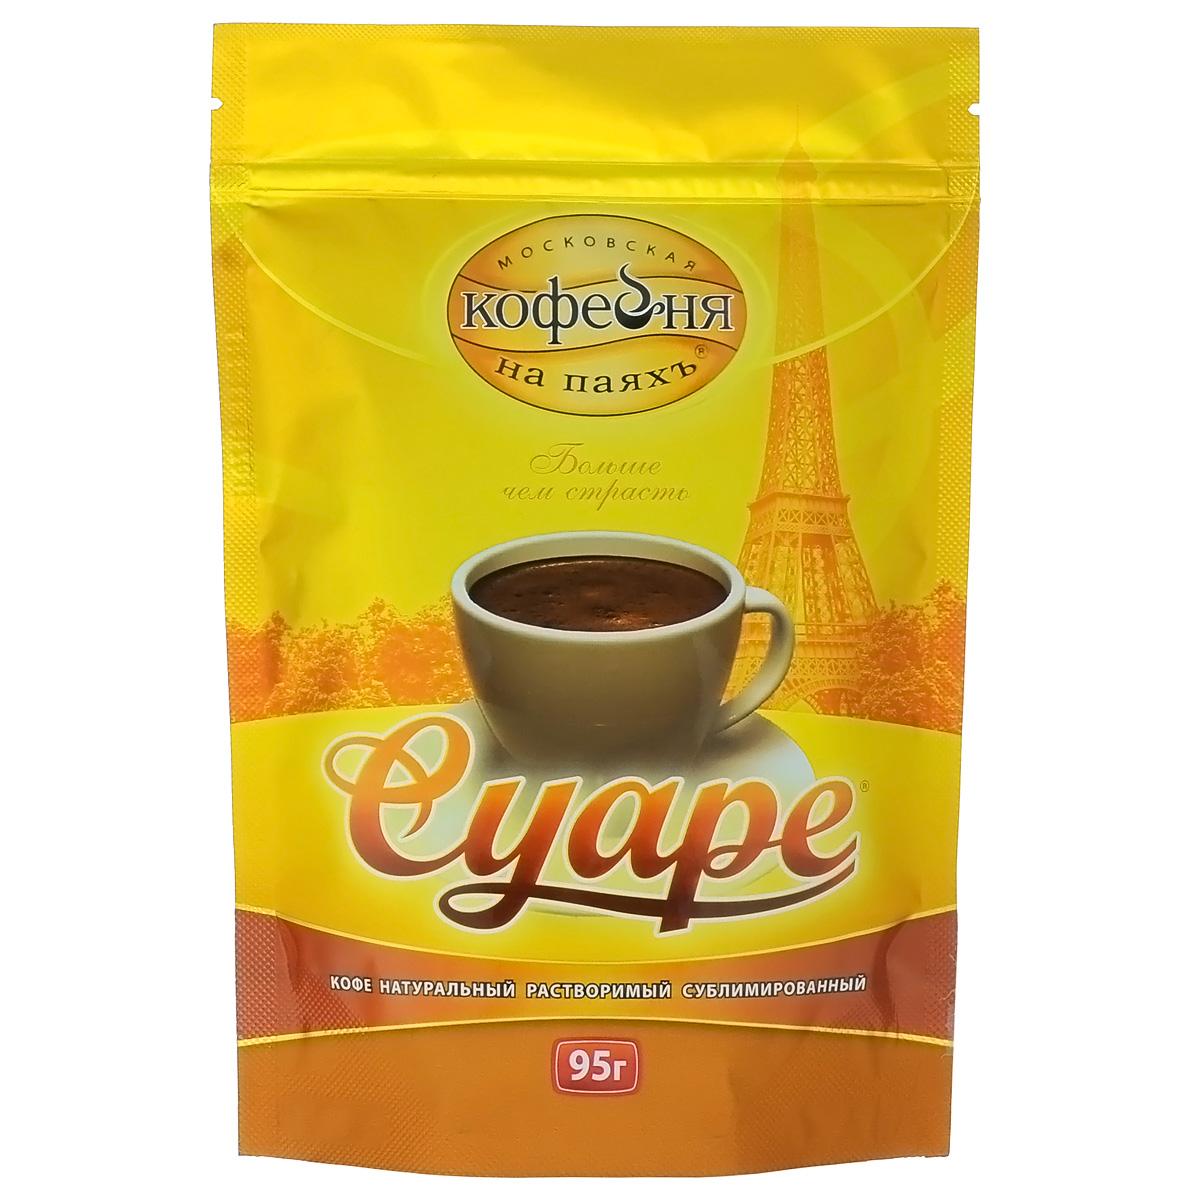 Московская кофейня на паяхъ Суаре кофе растворимый, пакет 95 г4601985003541